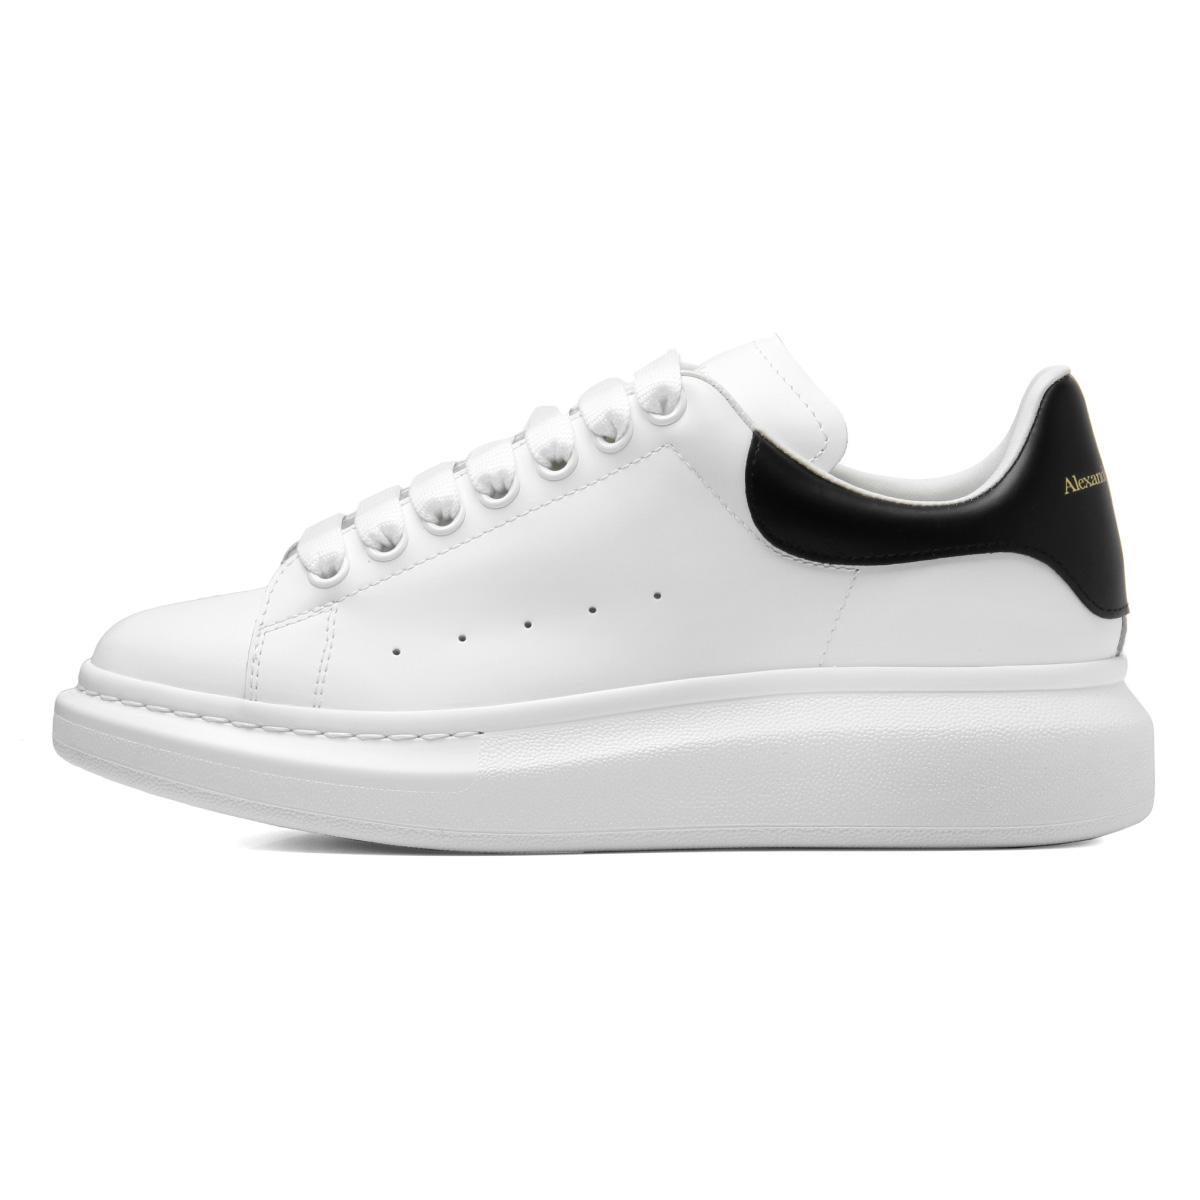 alexander mcqueen shoes me Online